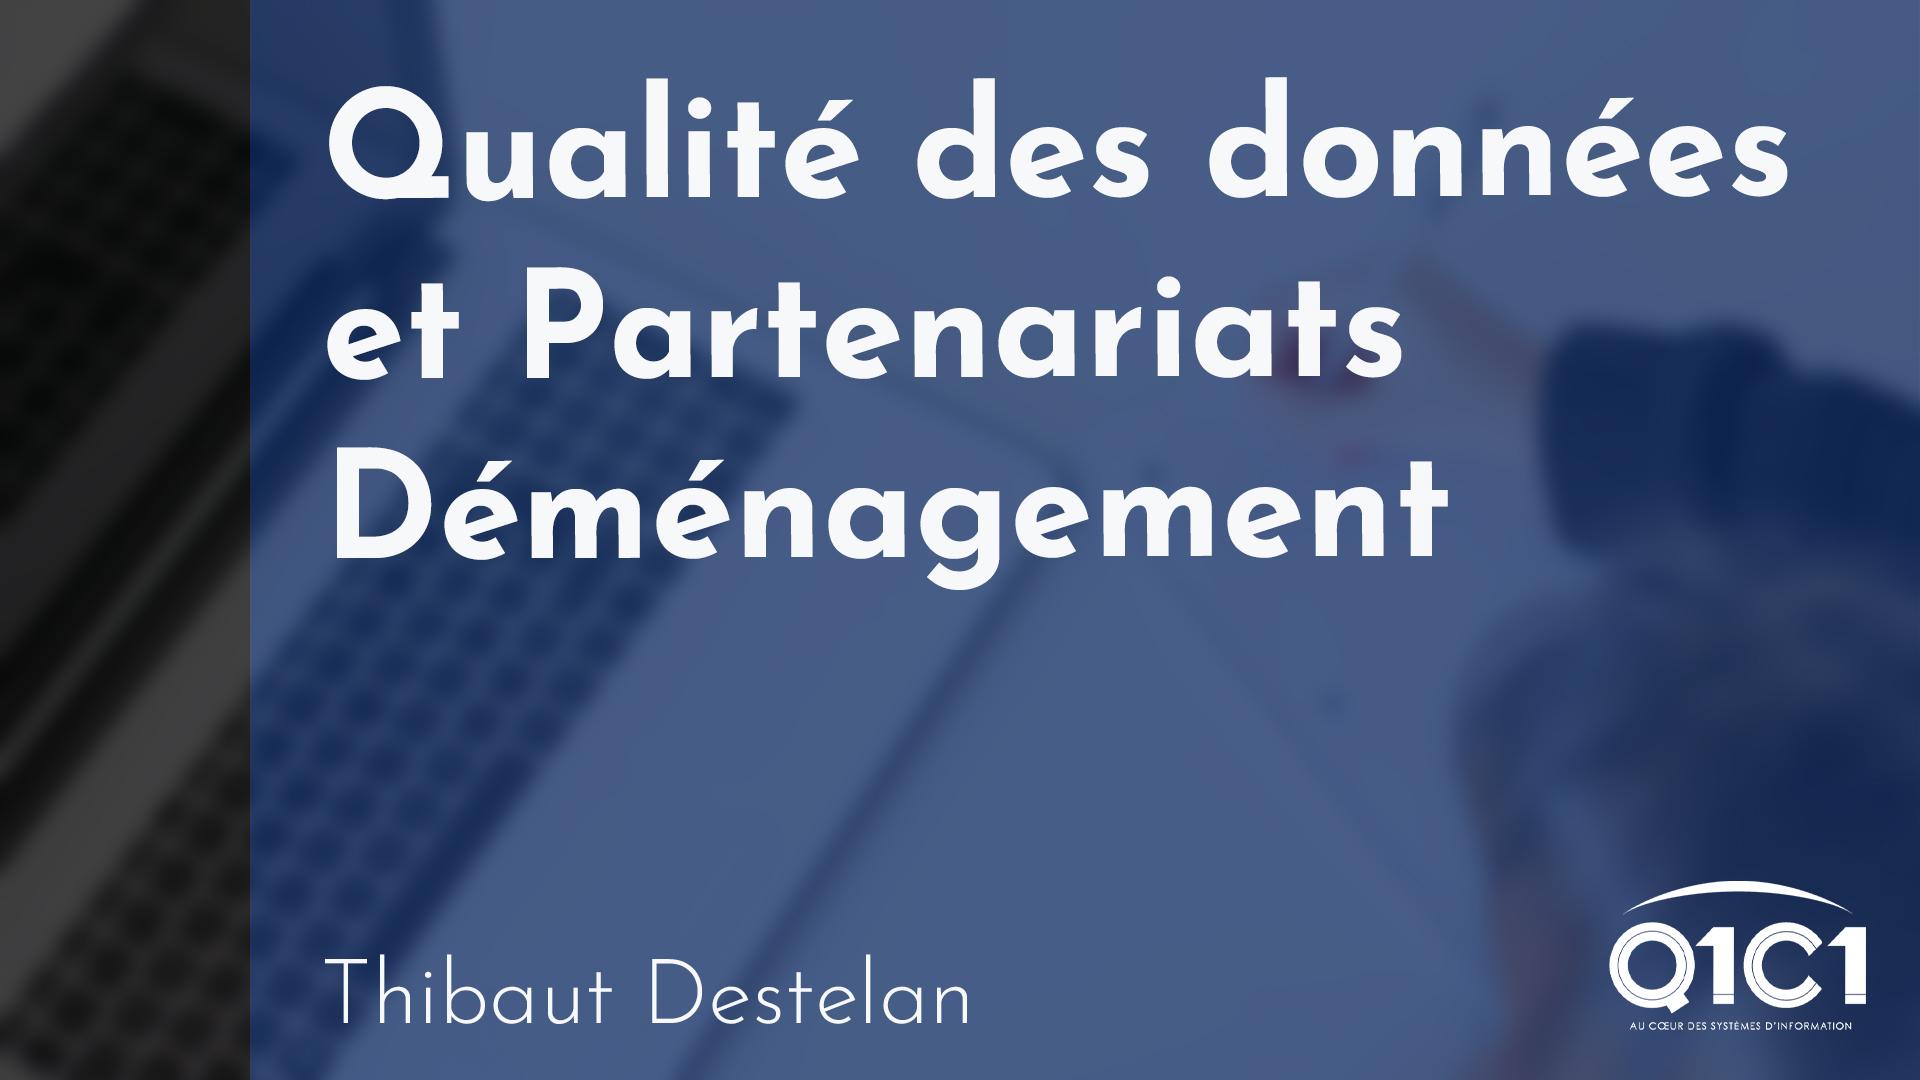 Q1C1 - Qualité des Données et Partenariats Déménagement - Thibaut Destelan